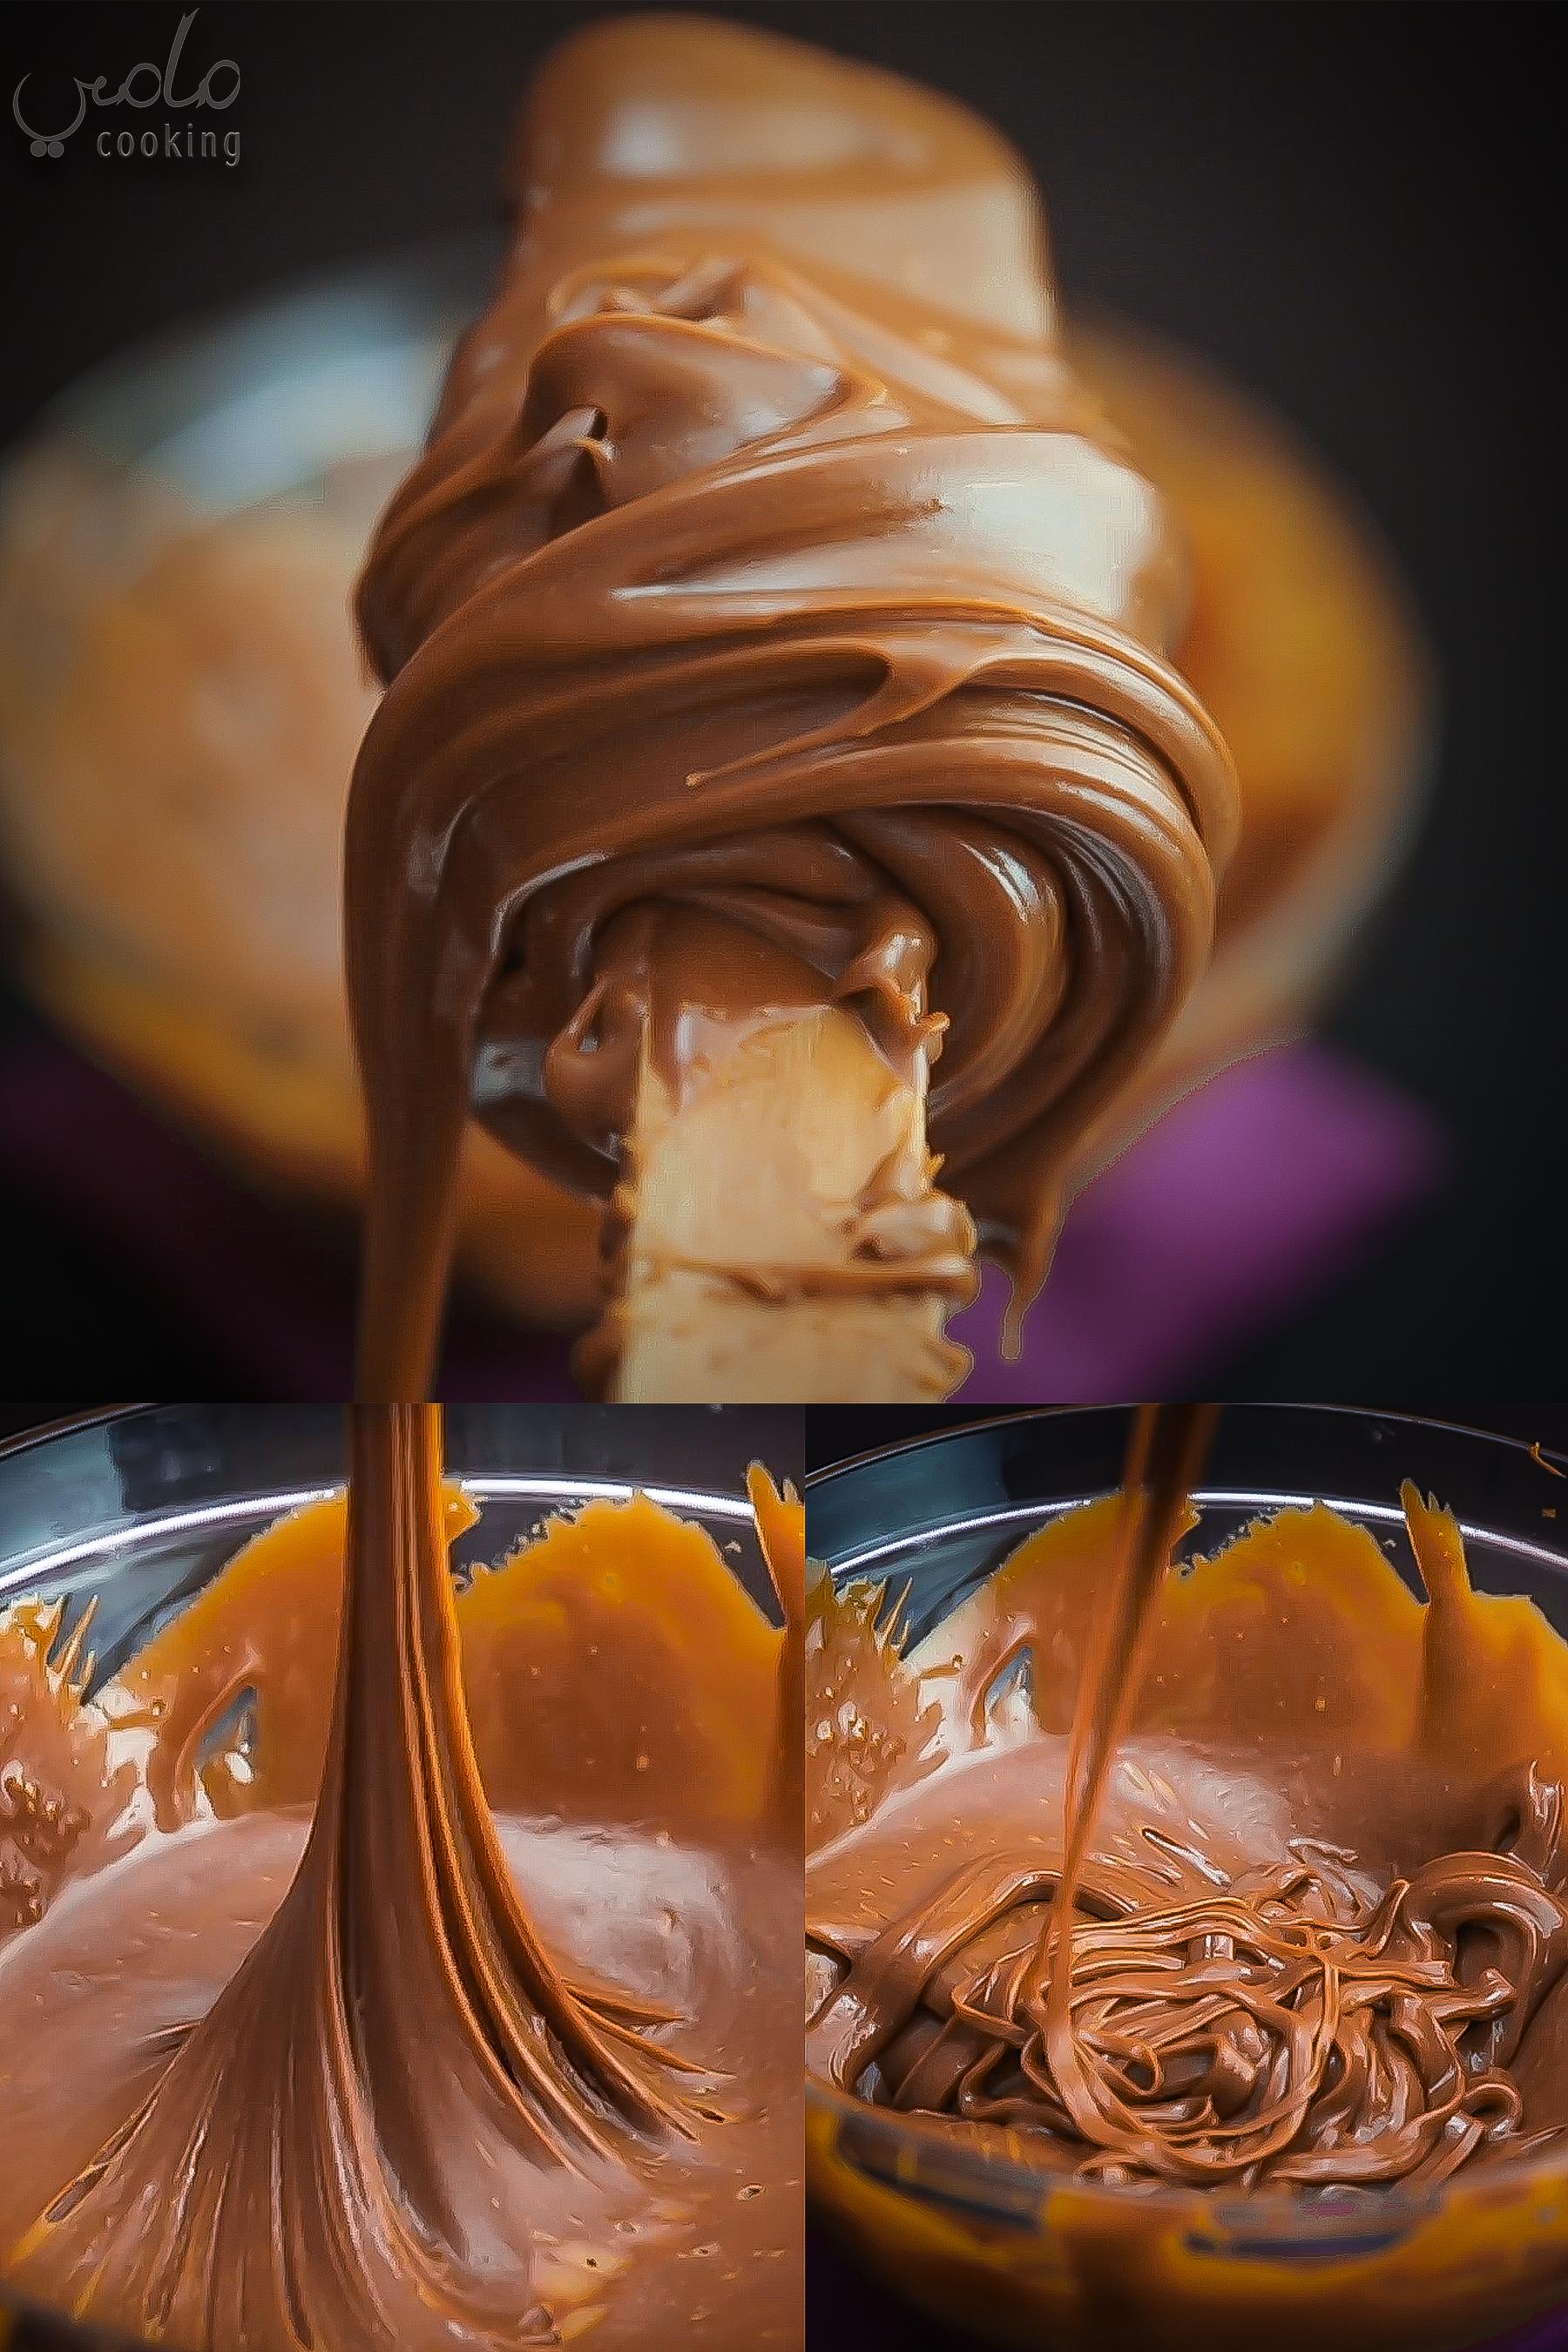 أفضل طريقة لإعداد وصفة الكراميل 3 مقادير مثالي في الطعم و القوام و اللون Caramel Recipes Sauce Recipes Homemade Caramel Sauce